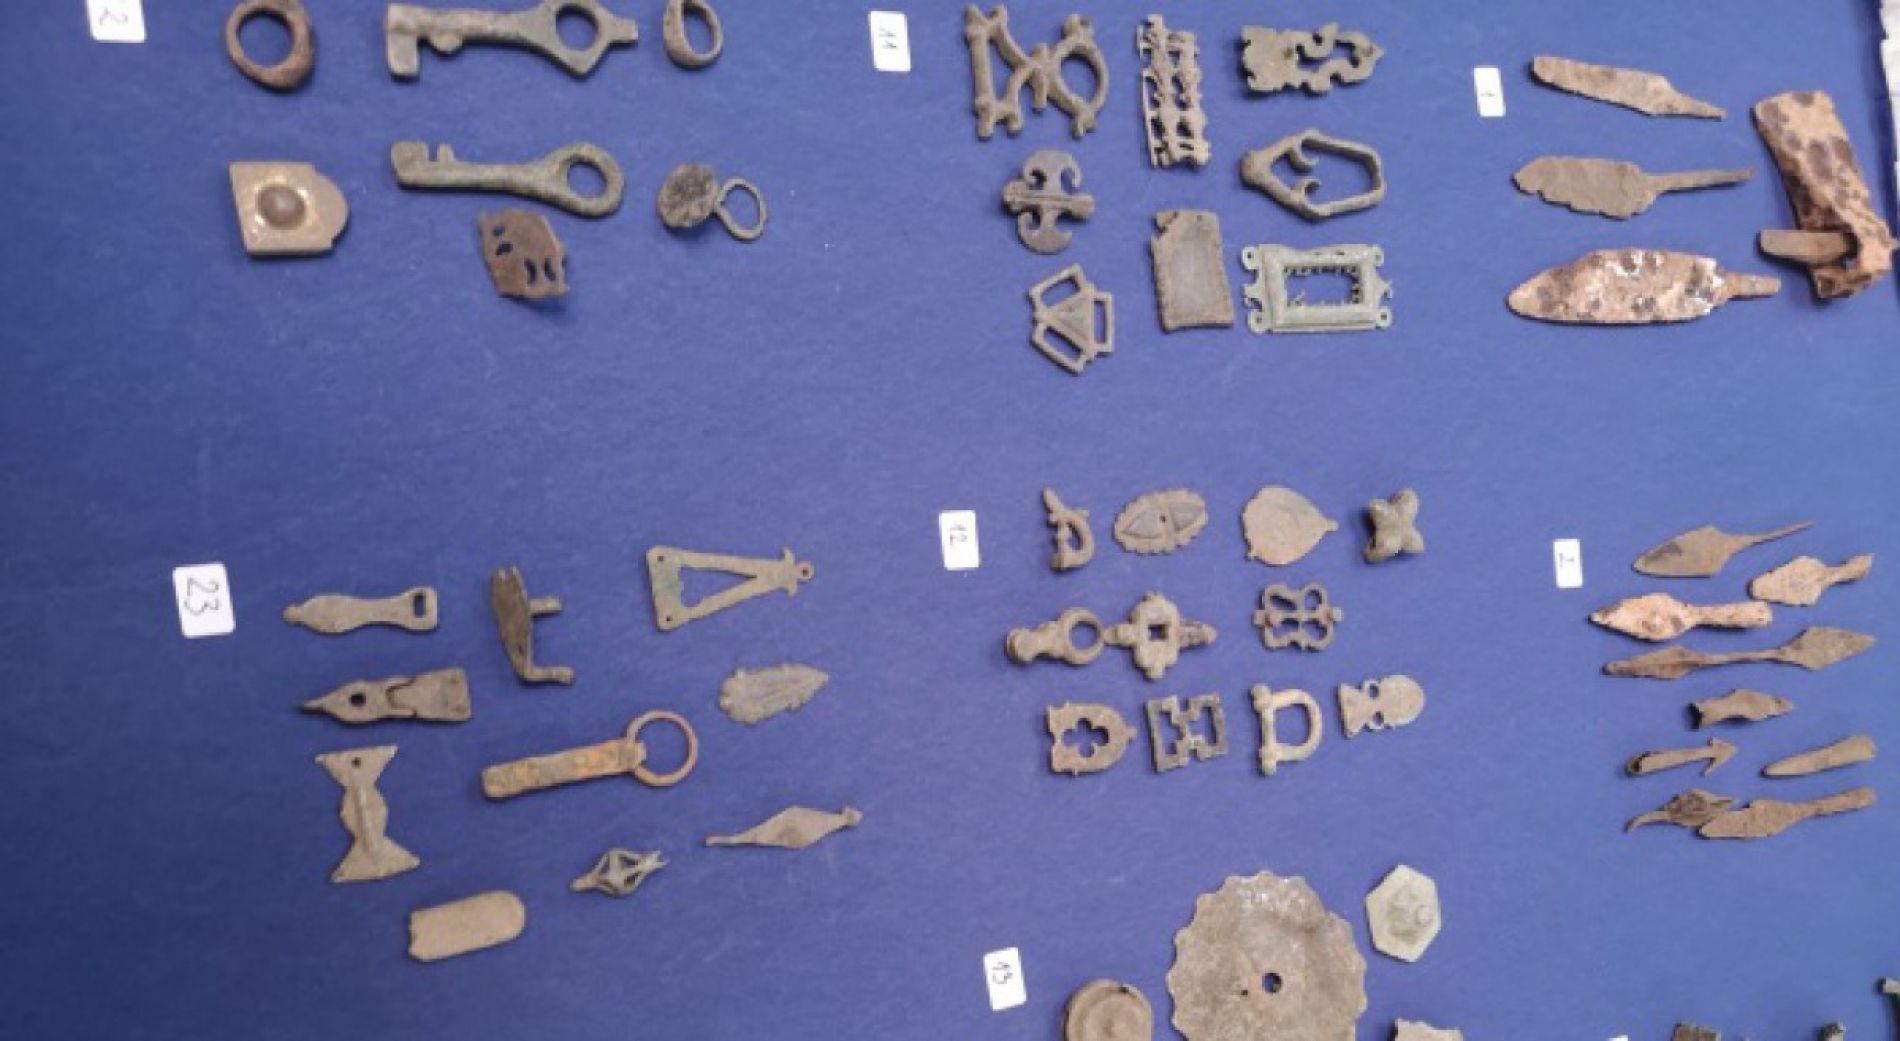 Министр Банов возвращает нелегально вывезенные болгарские археологические ценности из Германии